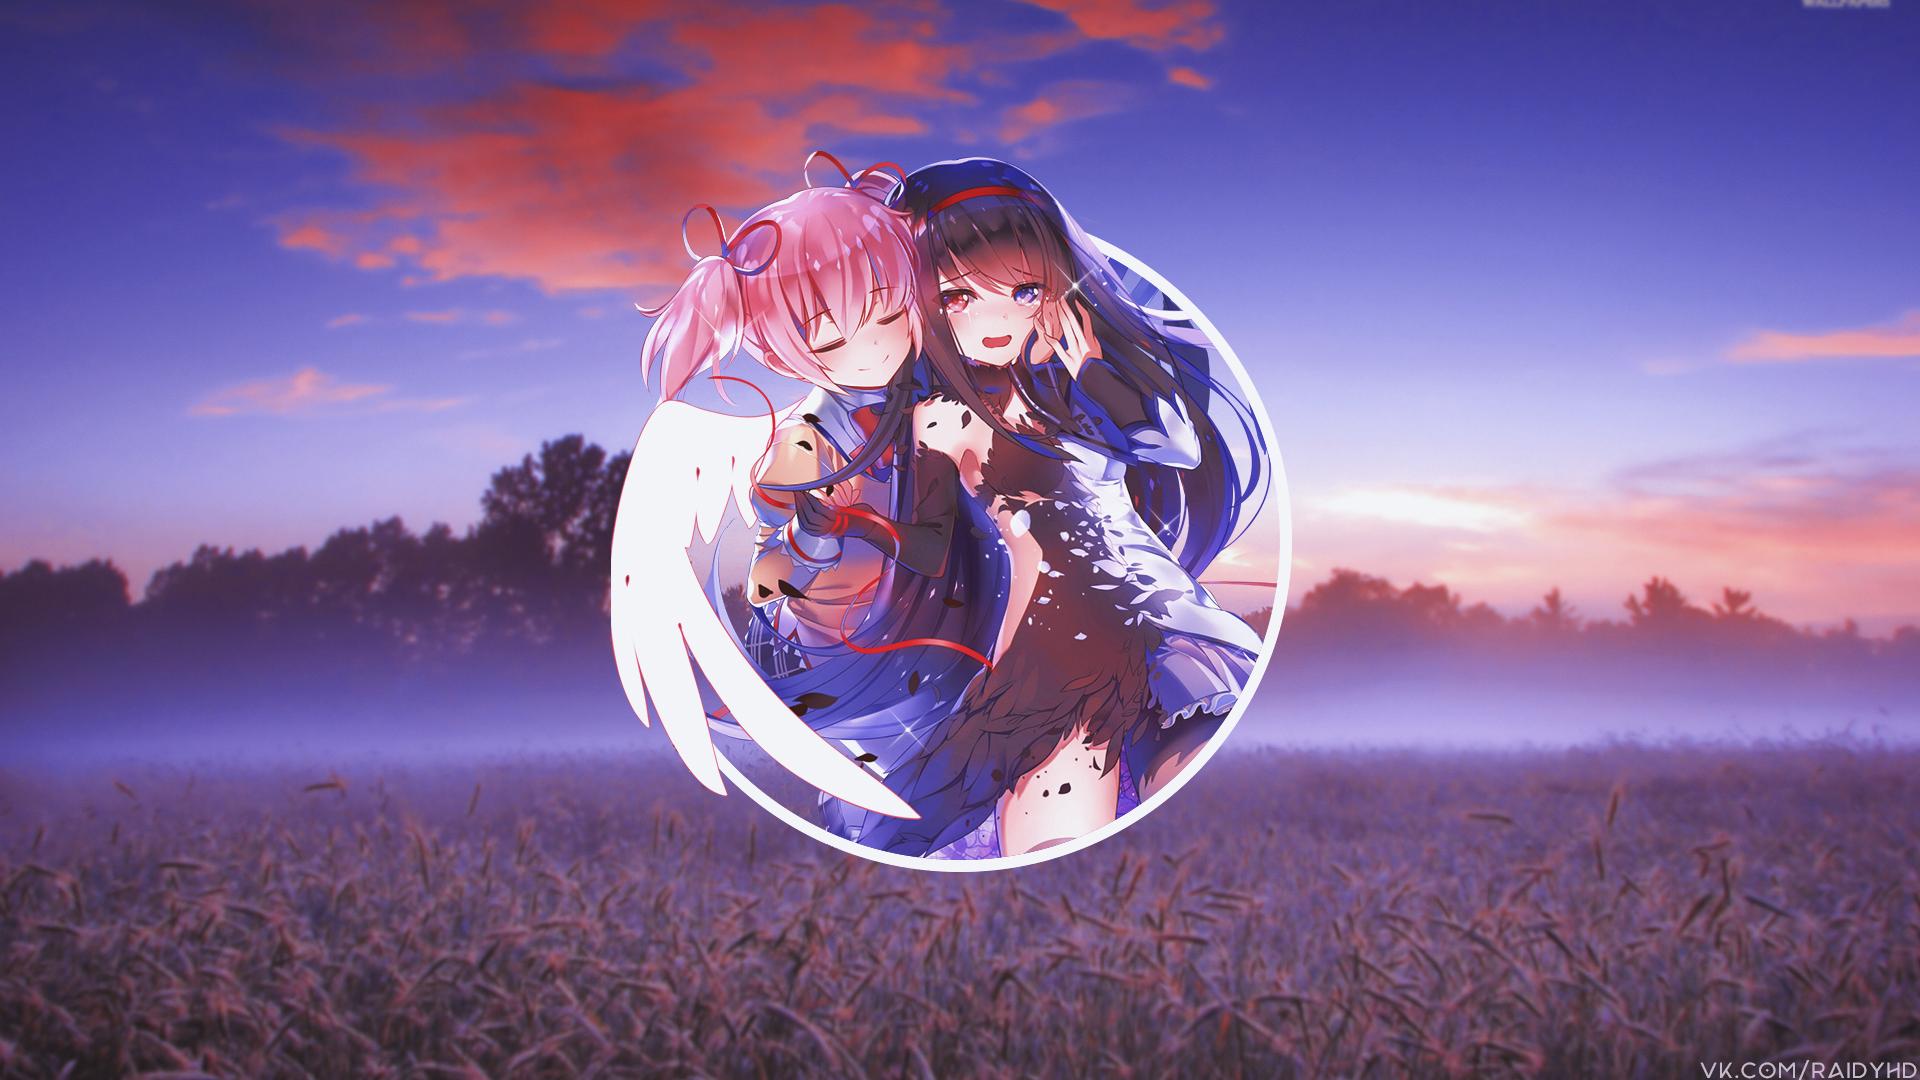 Hintergrundbilder Anime Madchen Picture In Picture Raidy